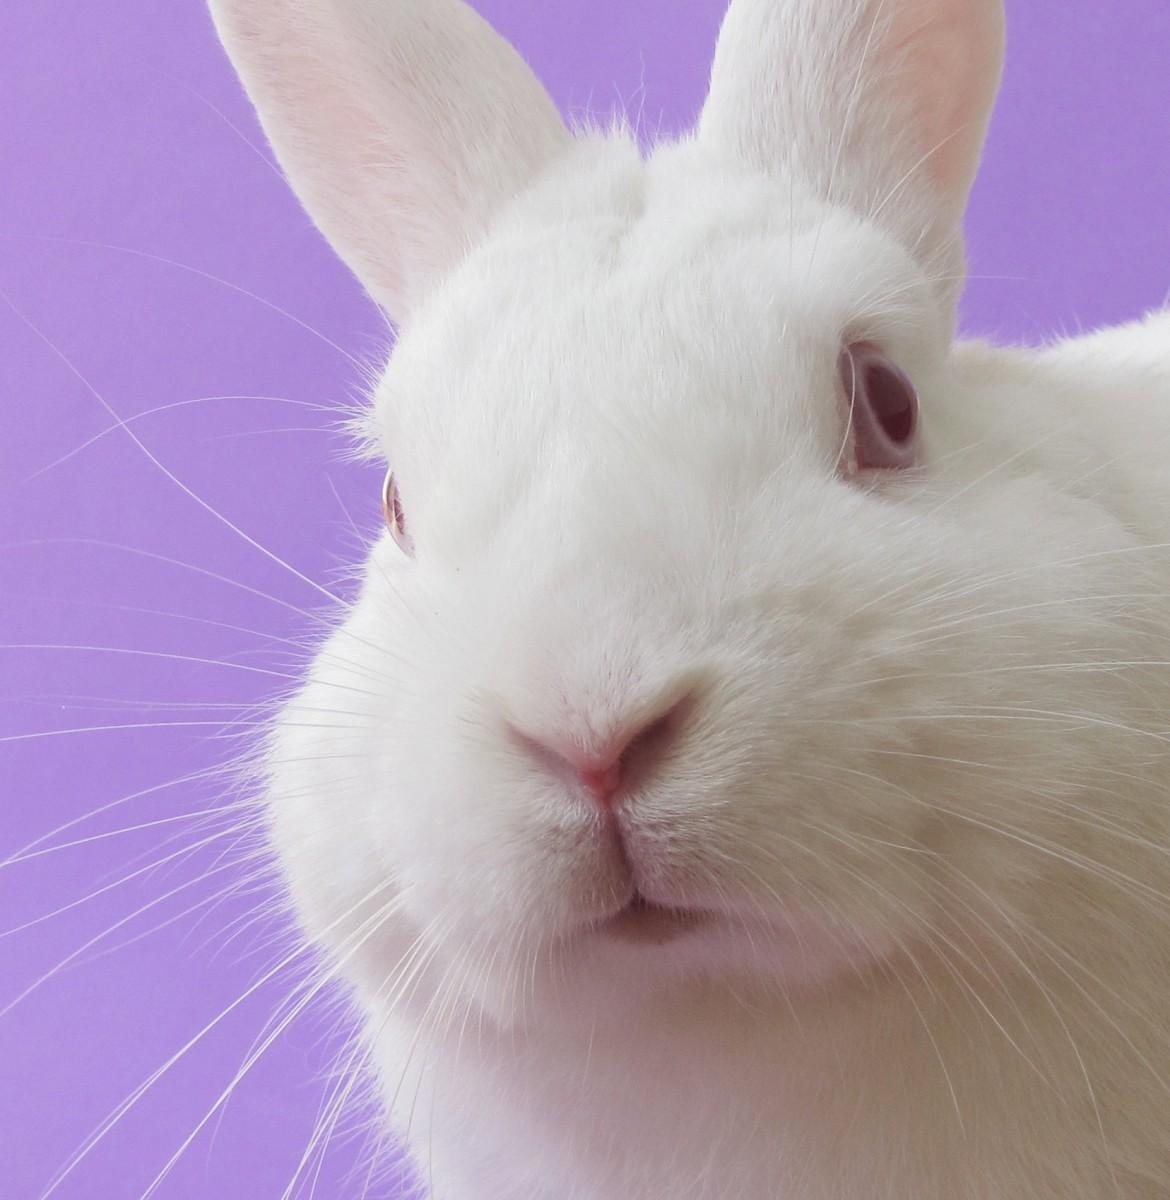 ウサギ,どアップ,顔,画像,まとめgi007